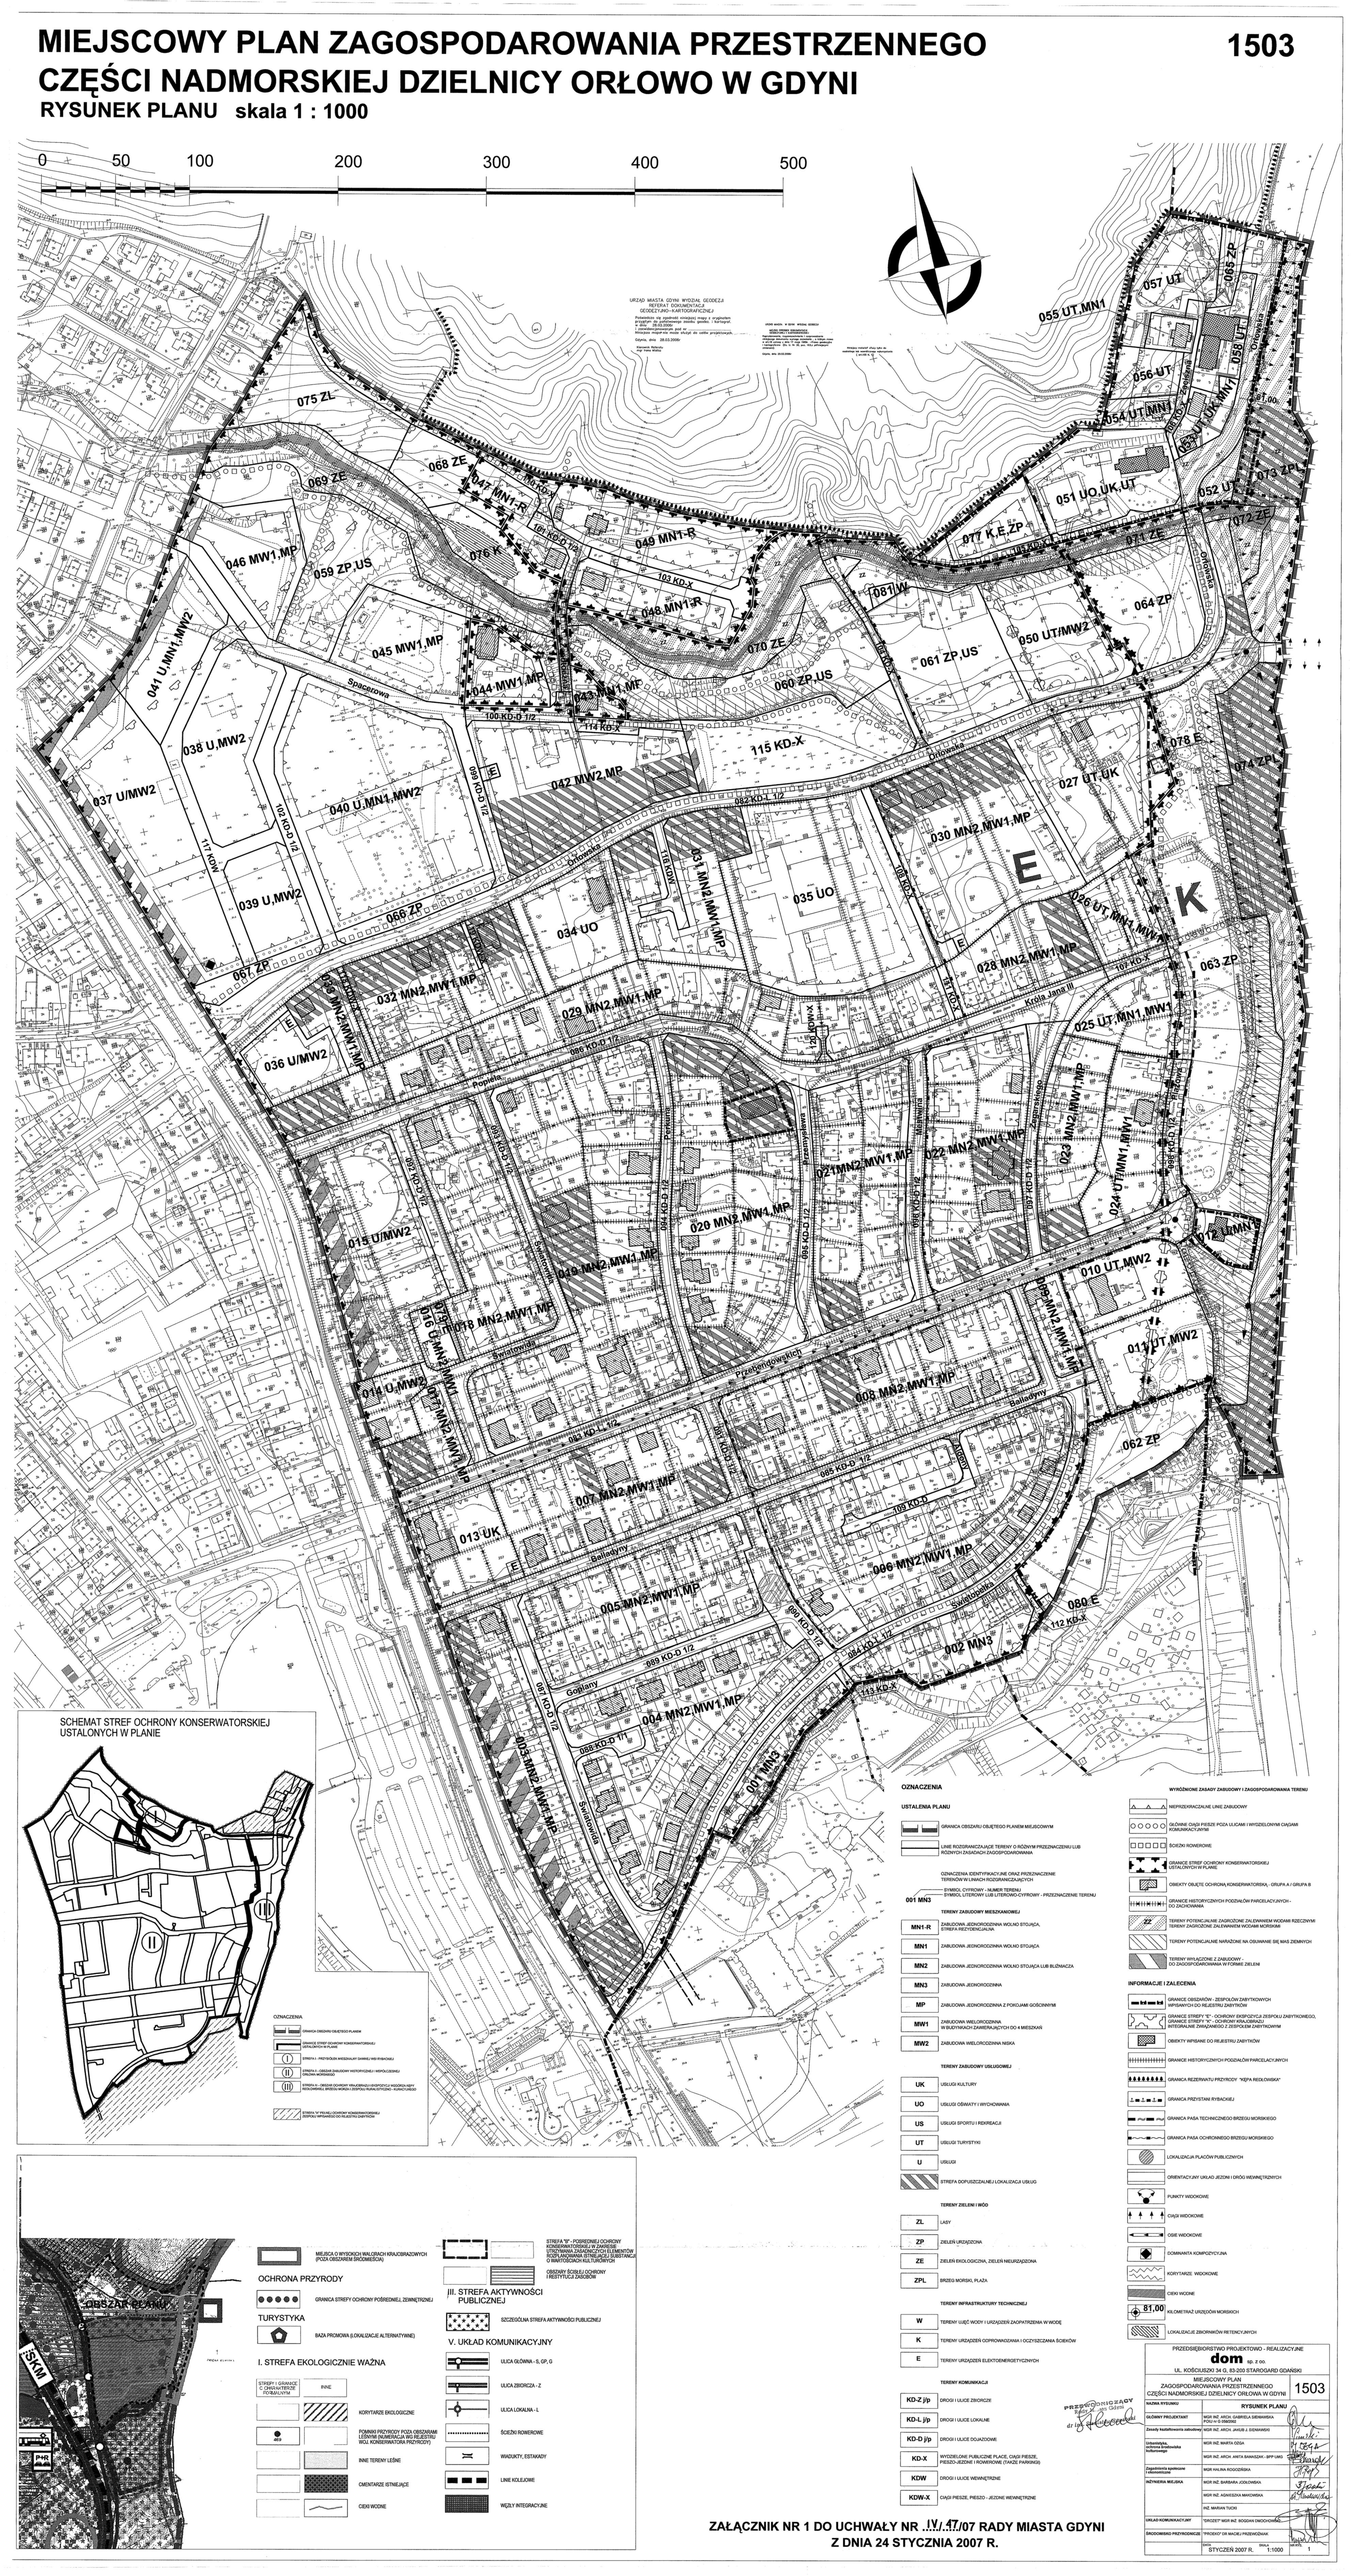 Plan zagospodarowania przestrzennego dzielnicy Orłowo w Gdyni z roku 2007 | UM Gdynia